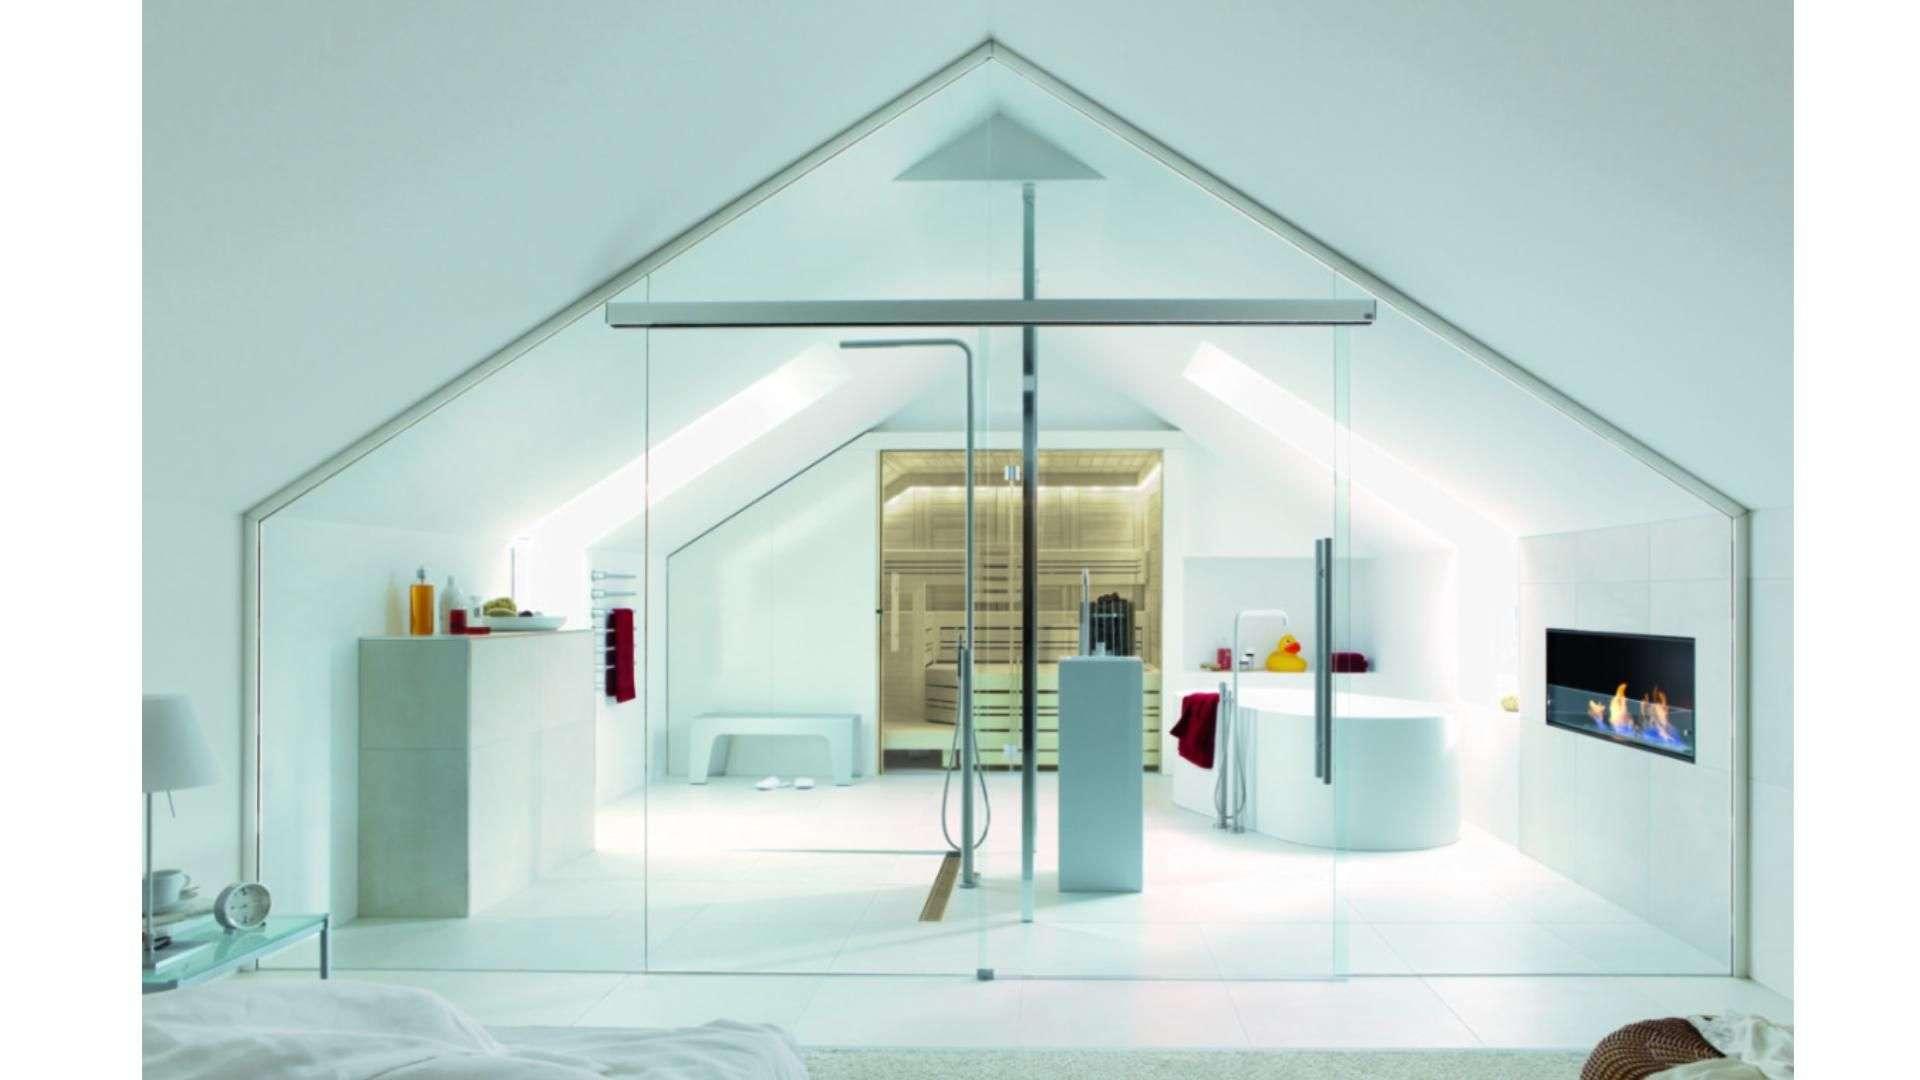 Ganzglas-Anlage vor einem Badezimmer unter einem Dachgiebel